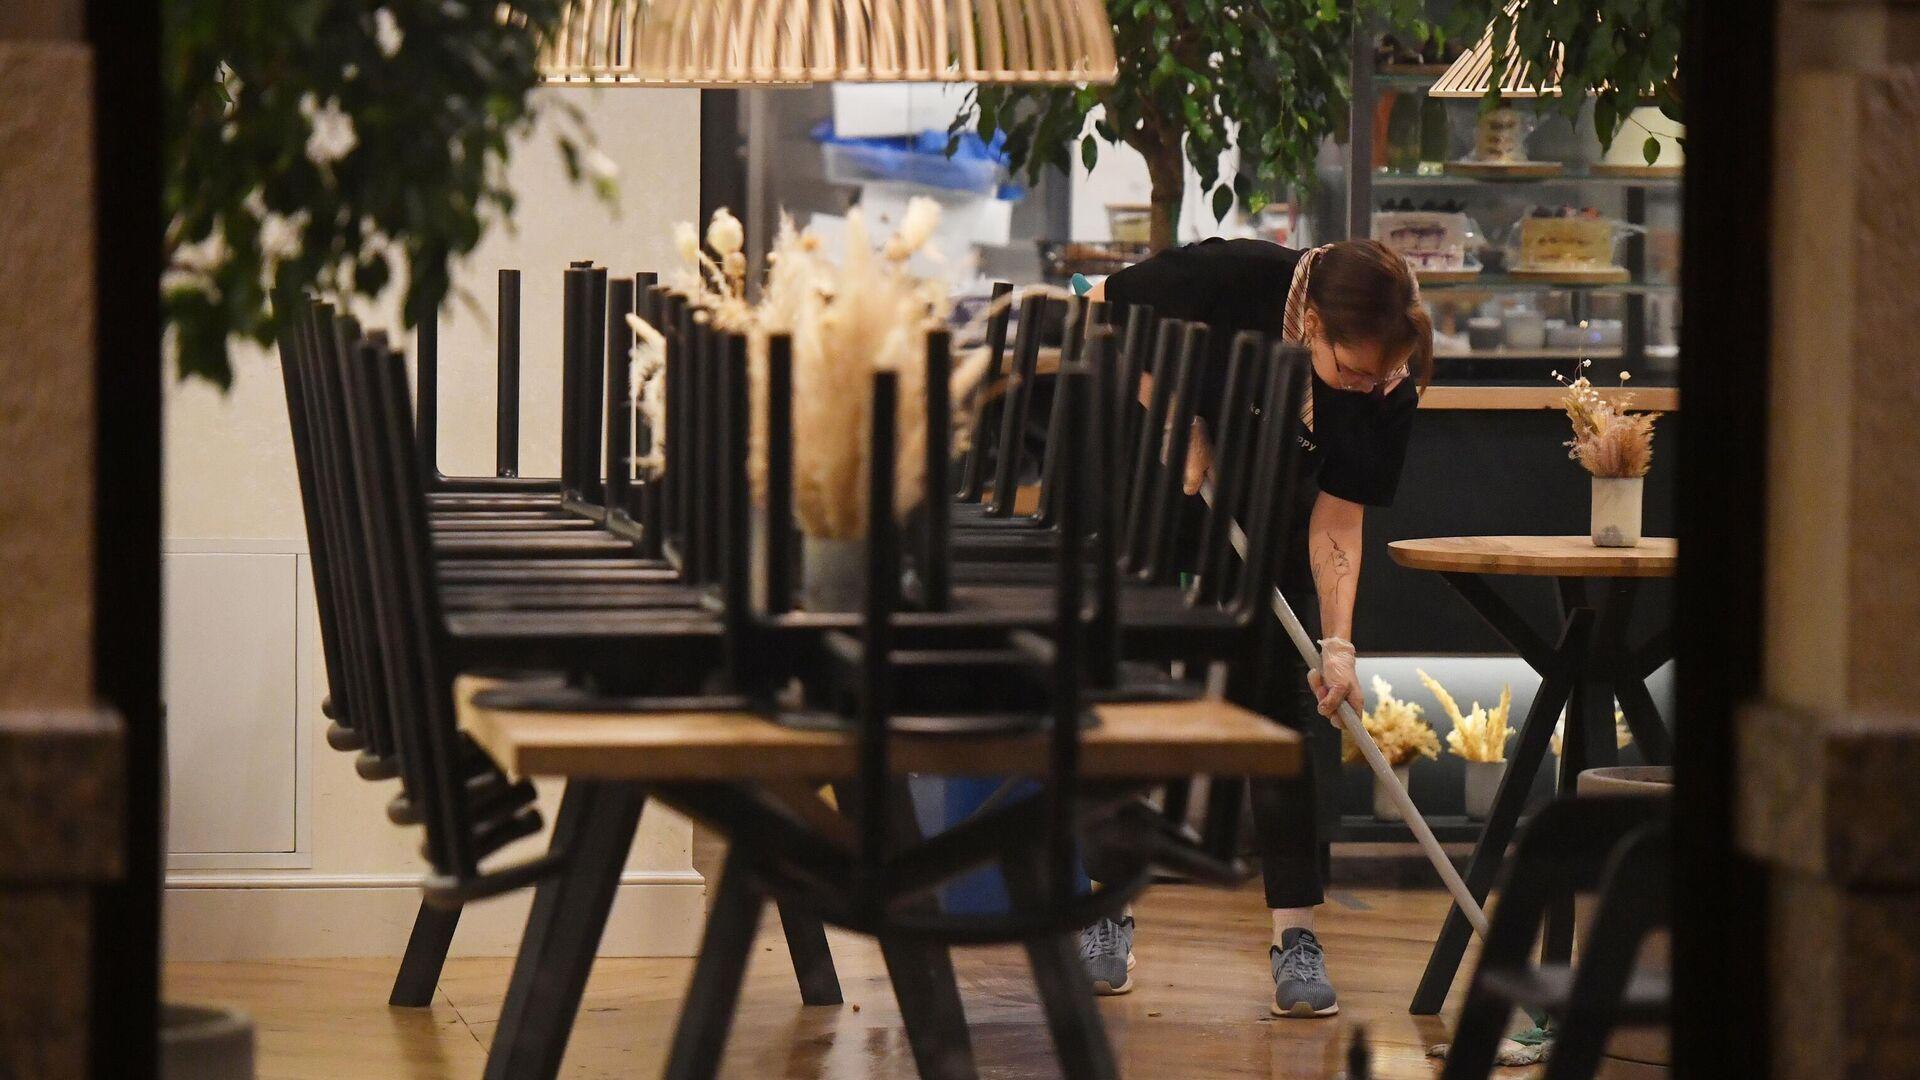 Уборщица моет пол в закрытом ресторане на одной из улиц в Москве - РИА Новости, 1920, 16.11.2020